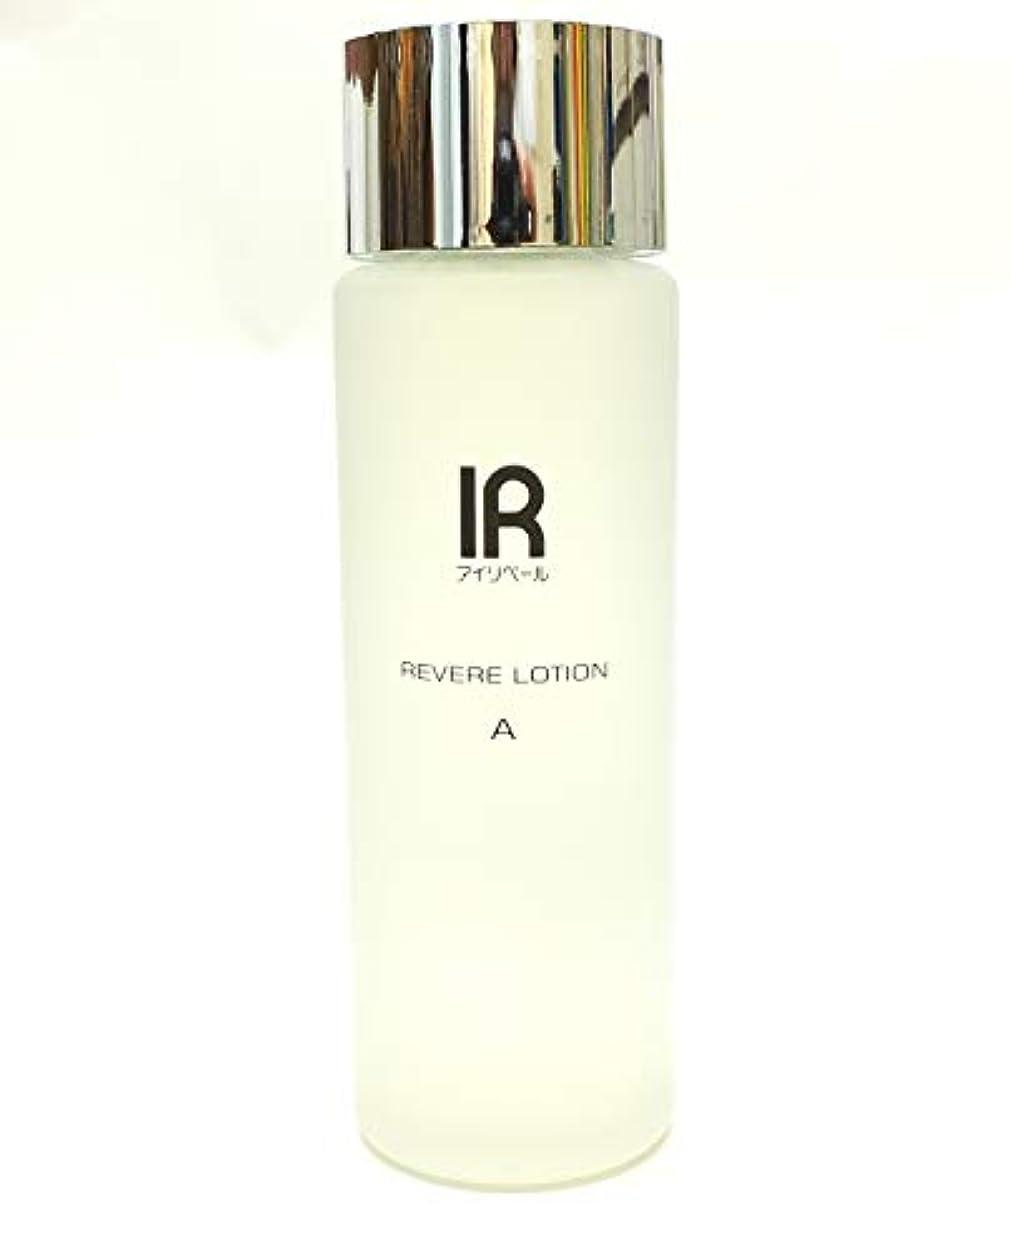 サロン乱気流きゅうりIR アイリベール化粧品 スキンローションA (自立活性用化粧水) 120ml